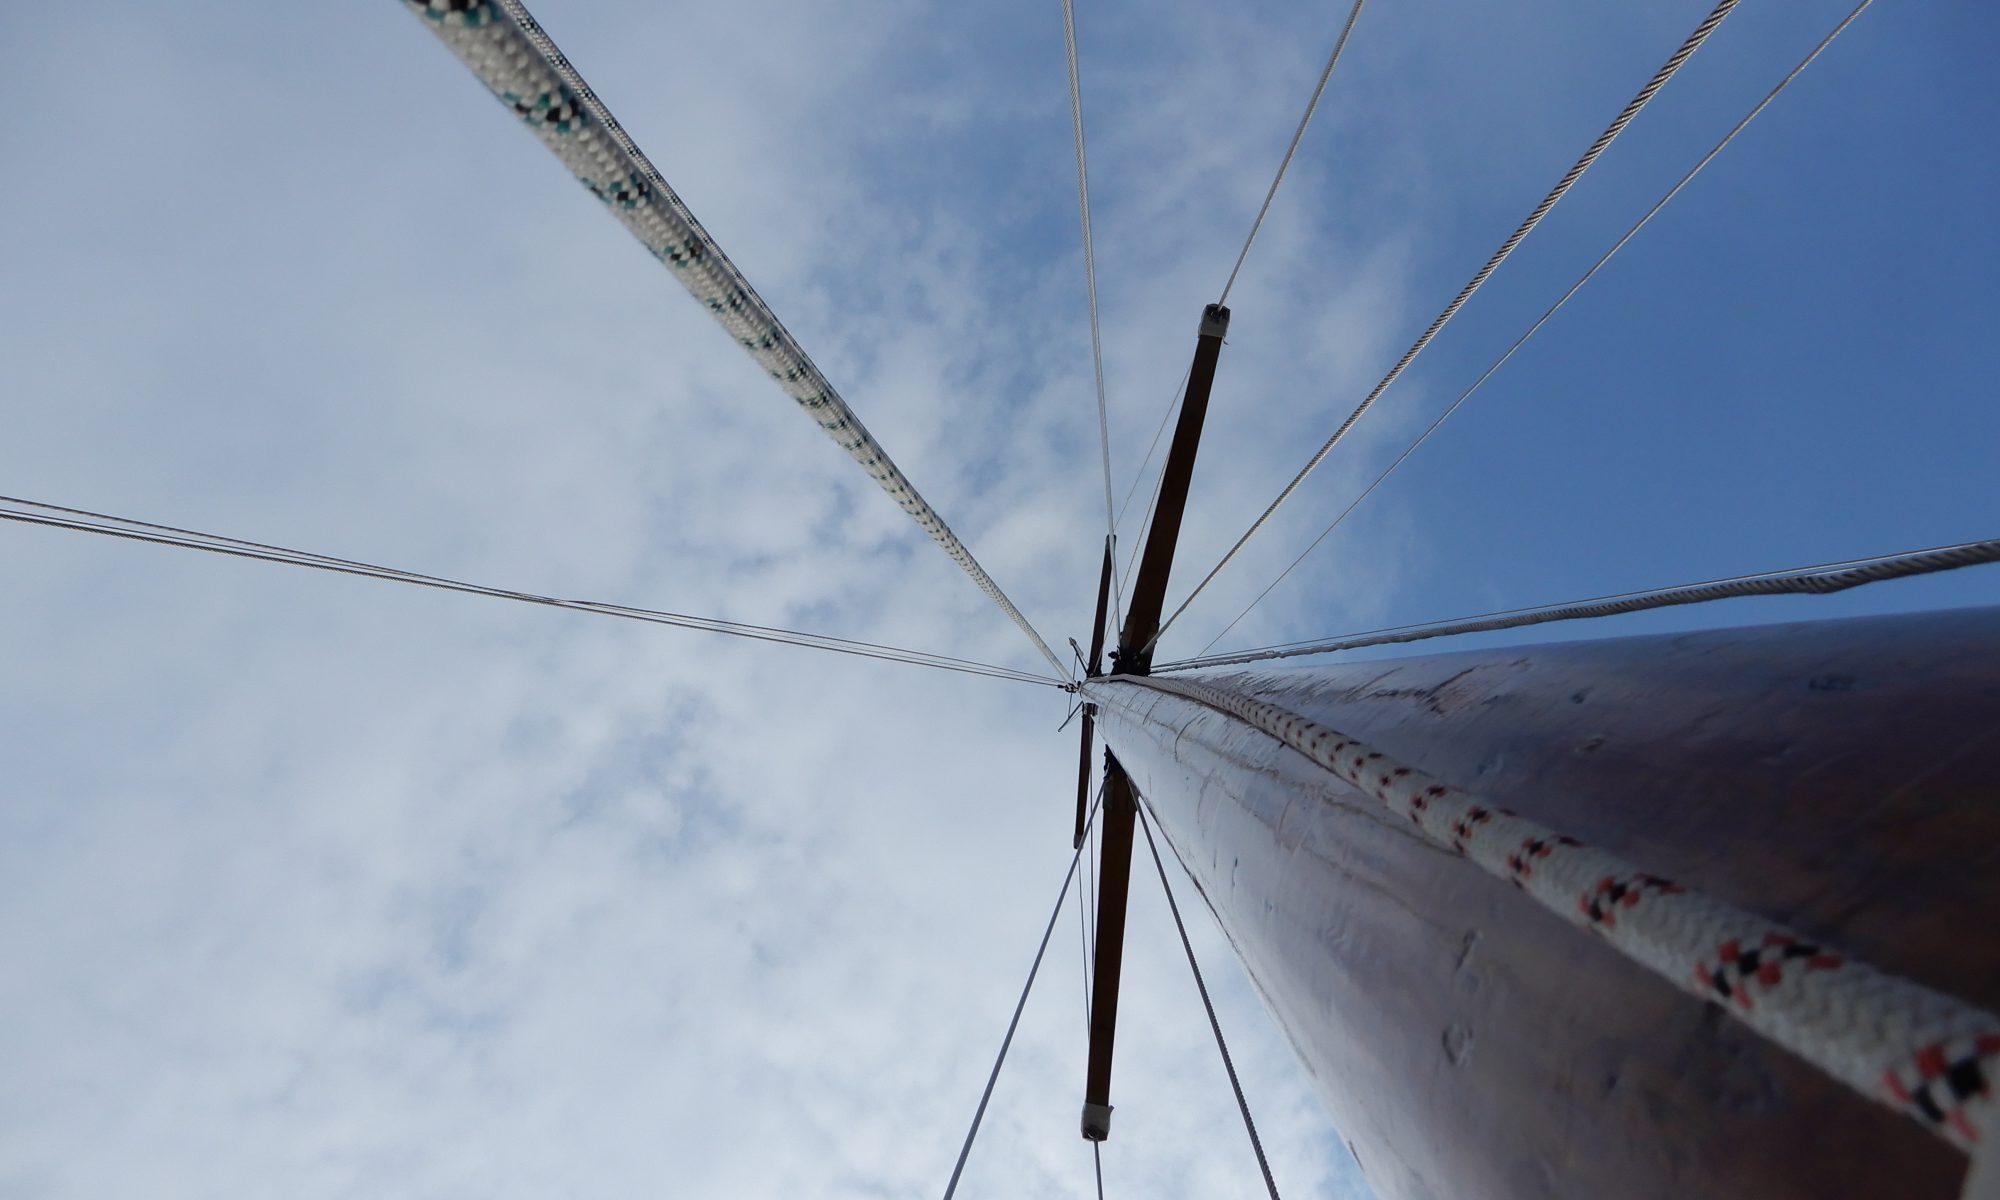 Der Mast beim Segelsetzen schn ganz Beeindruckend